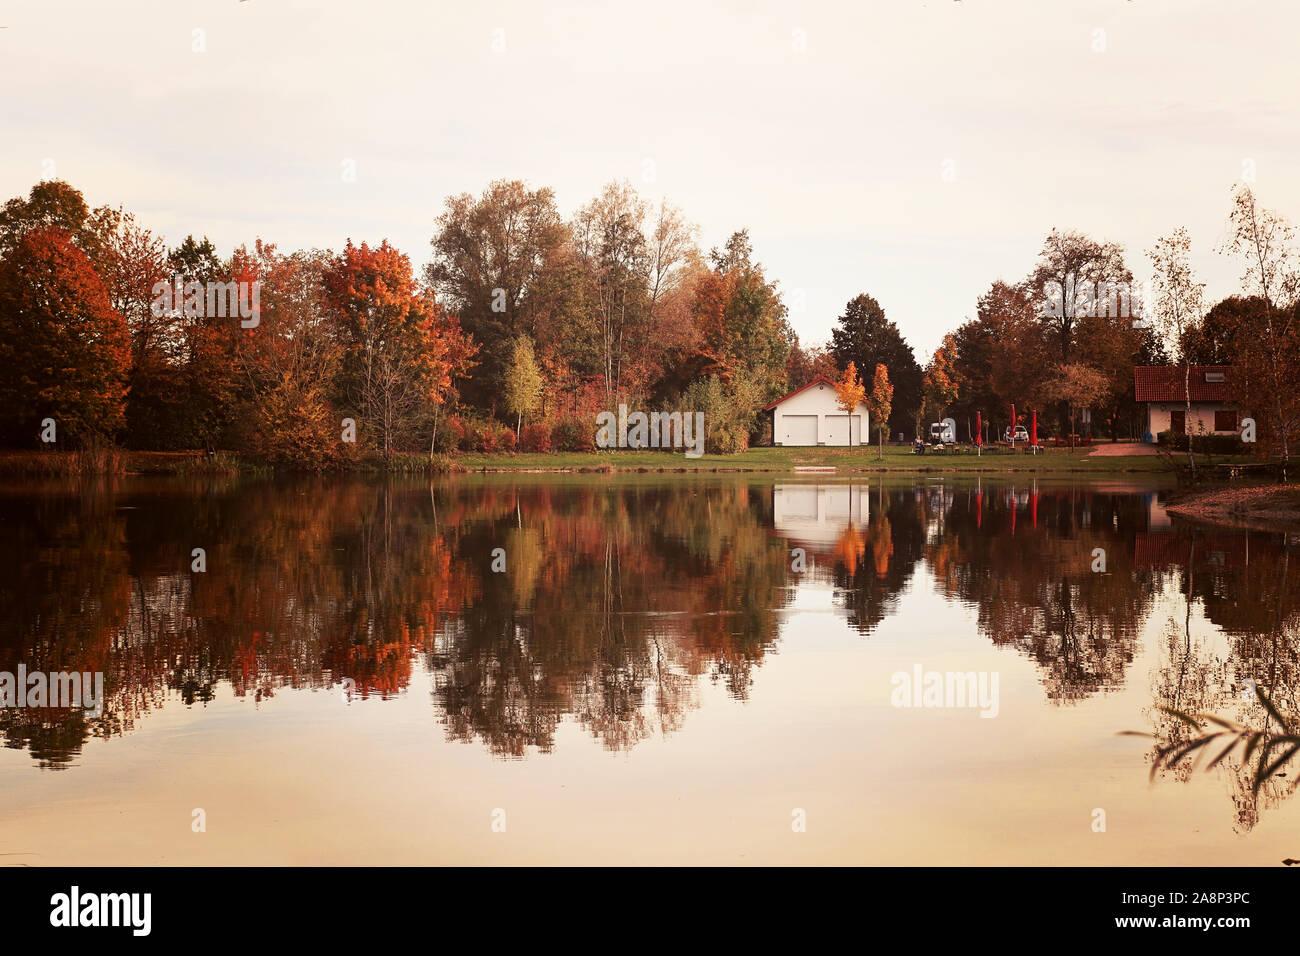 Badeweiher petit lac près de Finsing - Haute-bavière - en automne, calme et bord de l'eau comme un miroir Banque D'Images